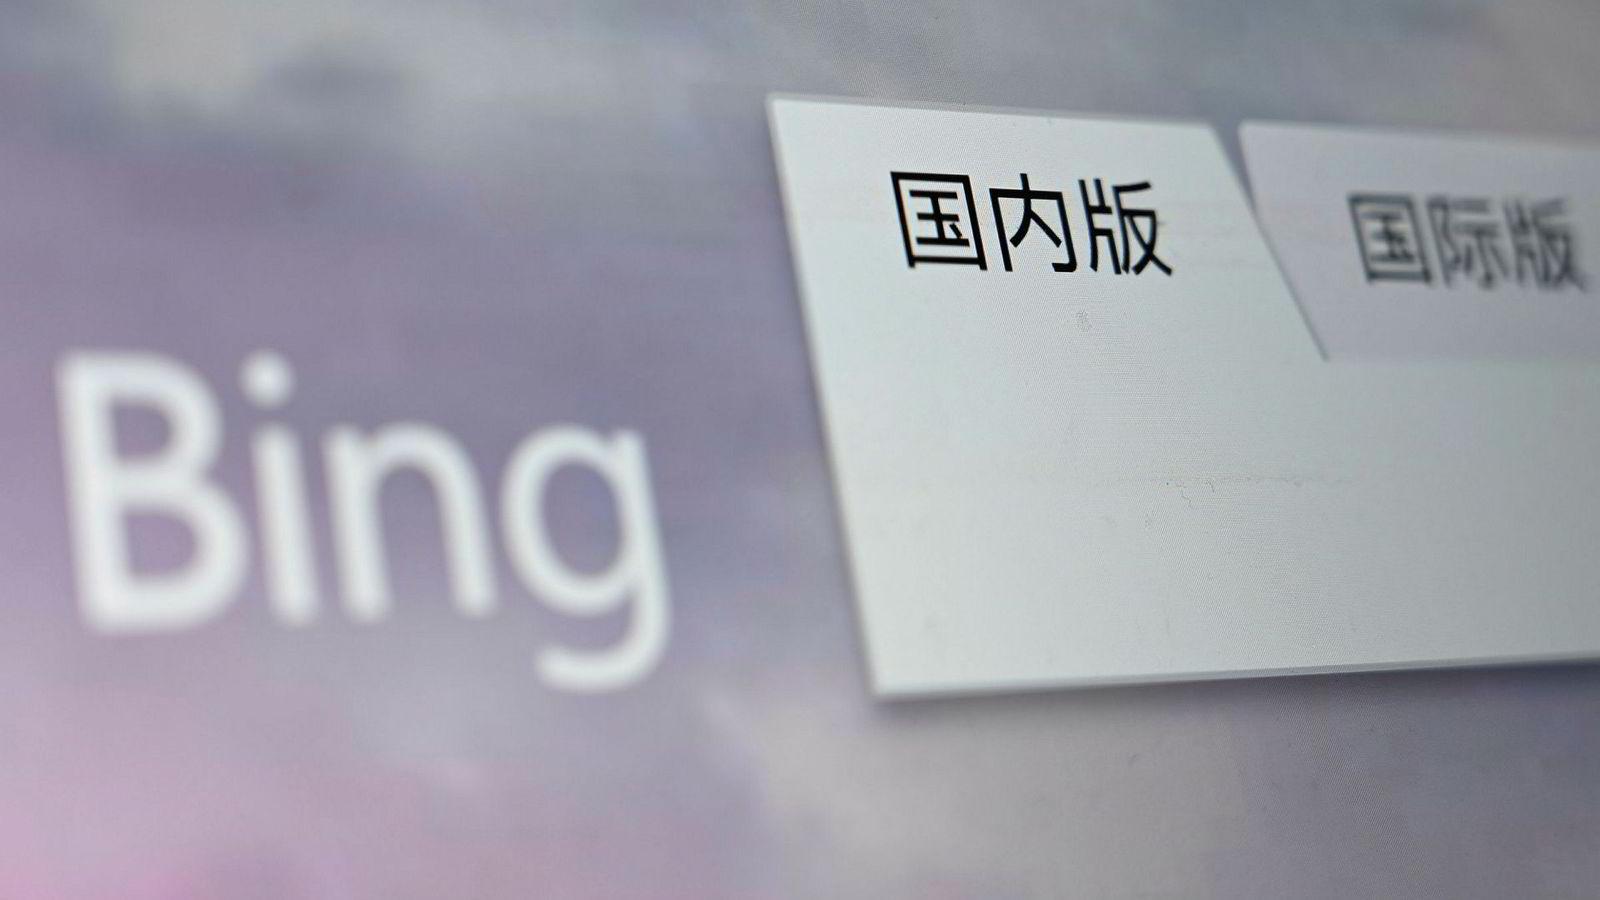 Søkemotoren Bing er stanset i Kina.